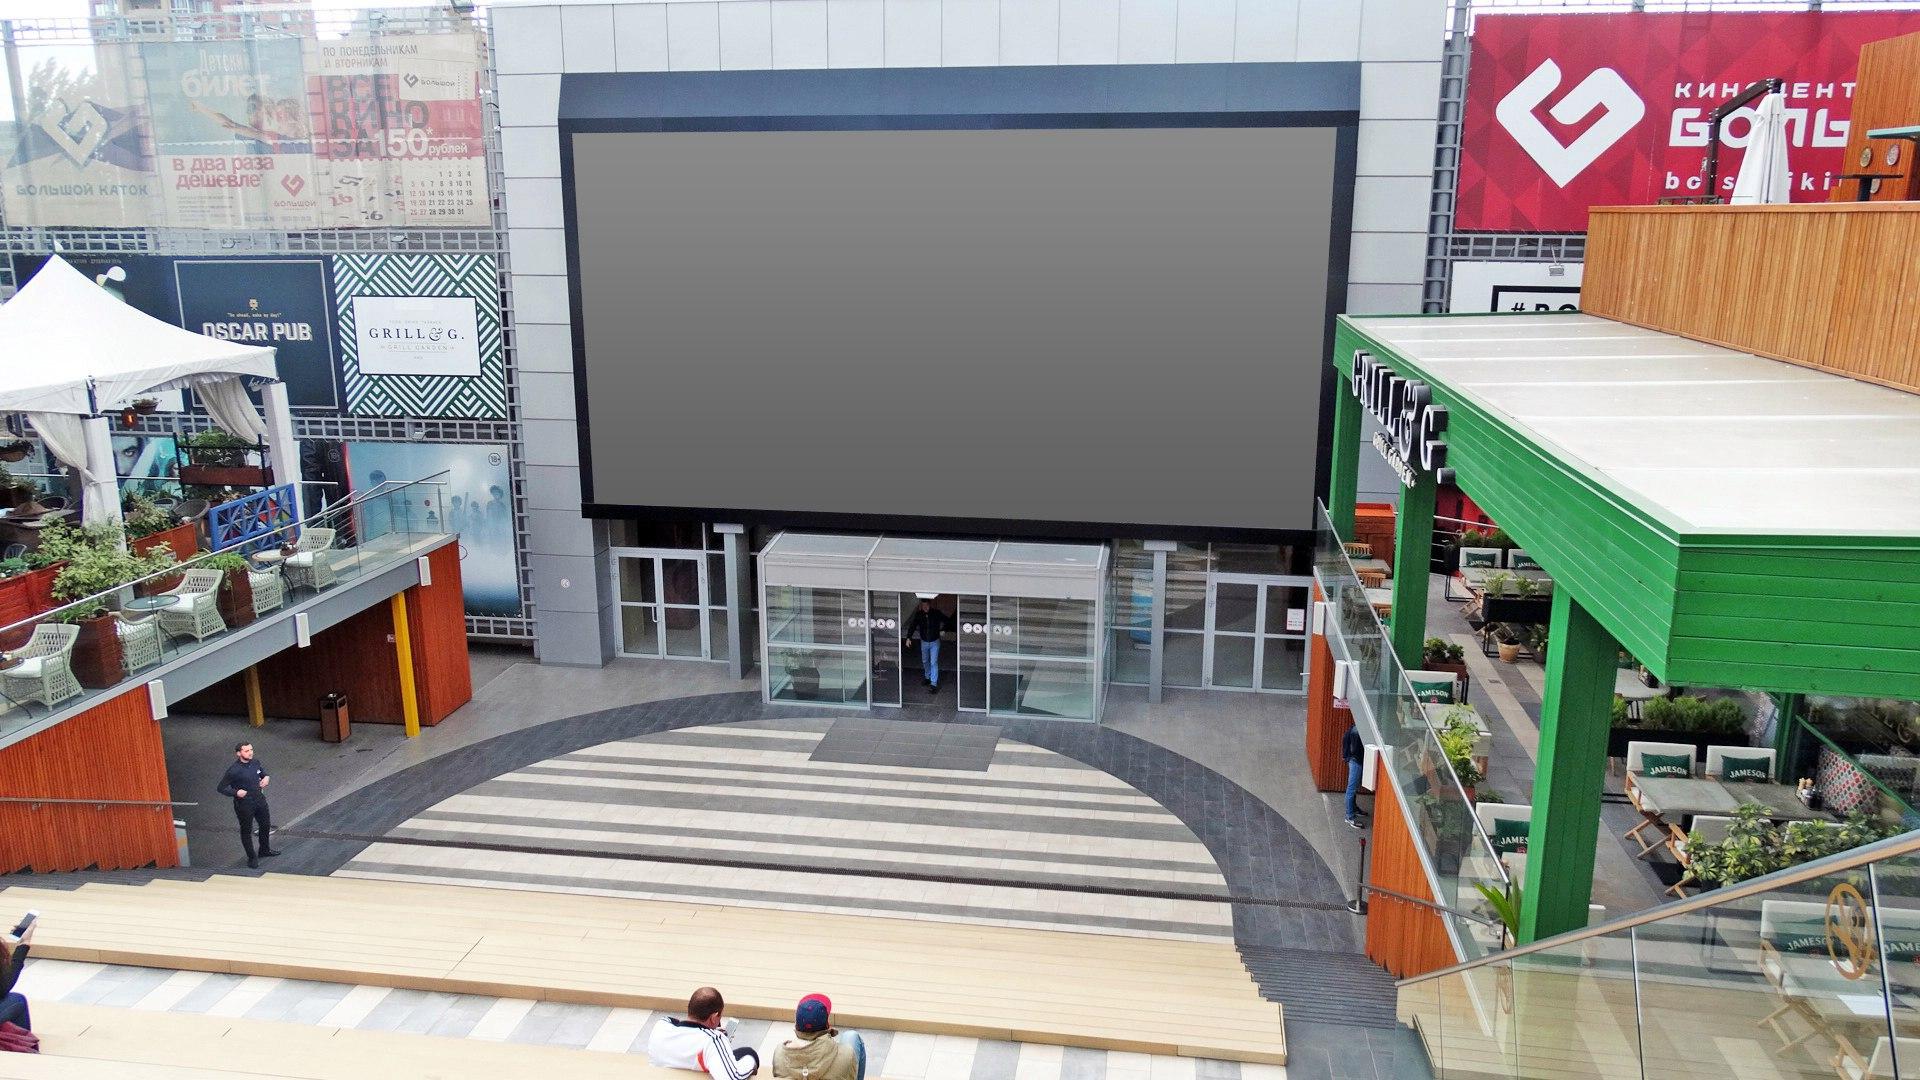 кинотеатр большой ростов на дону цена на билеты